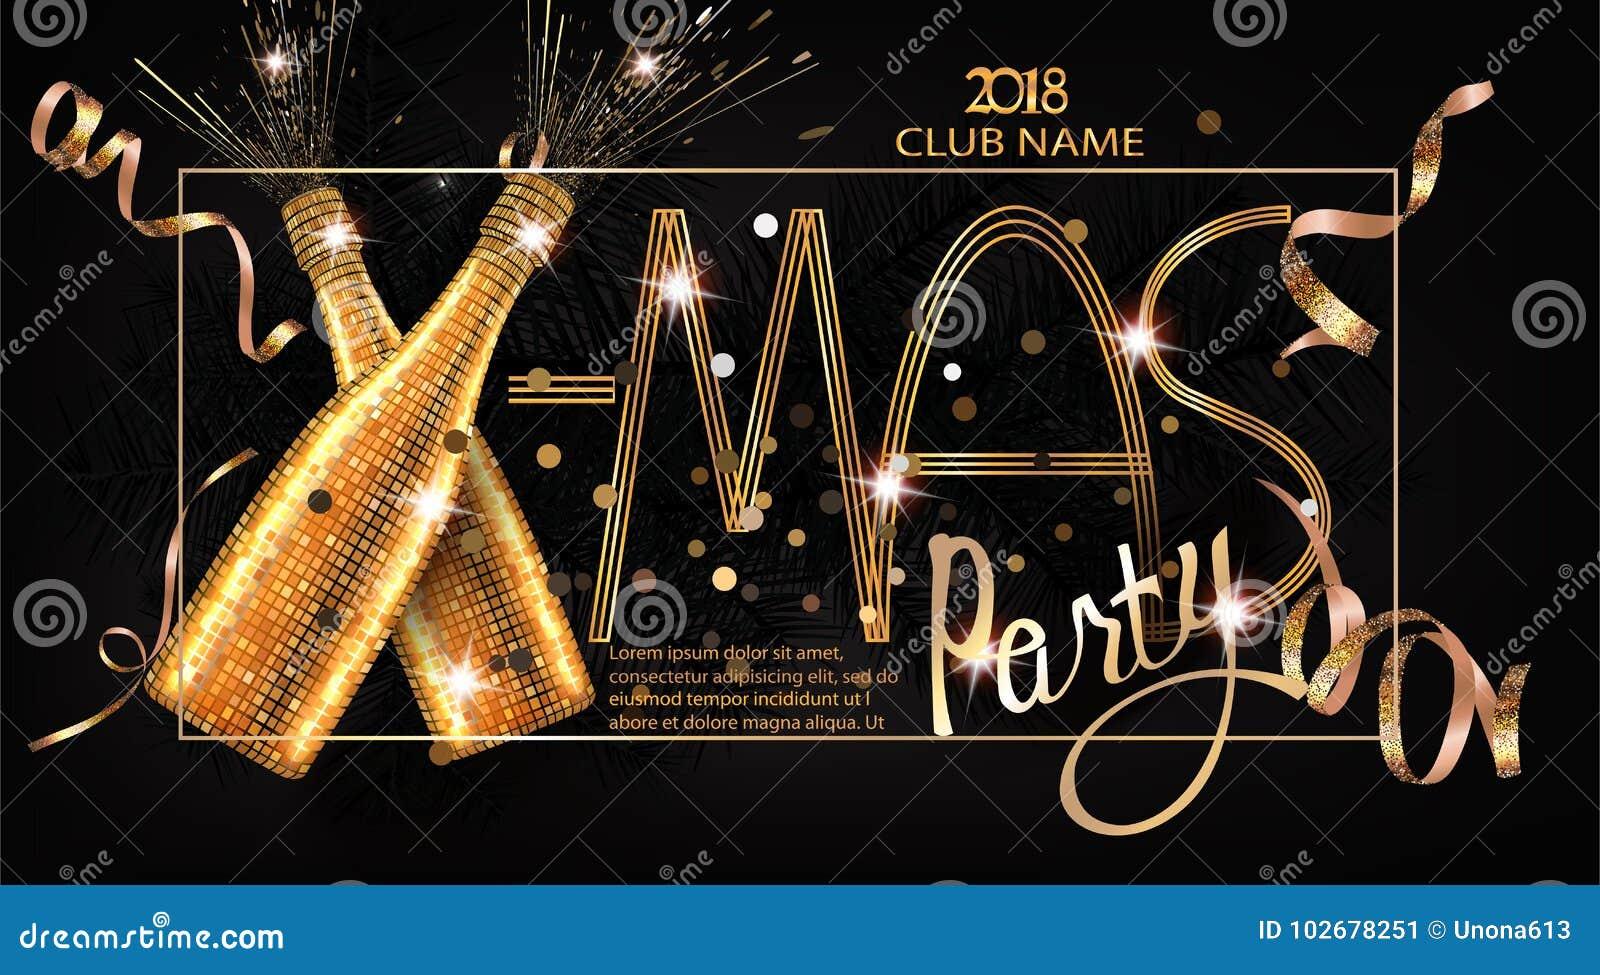 Weihnachts-Partei-Einladungskarte mit Weihnachten-deco wendet ein